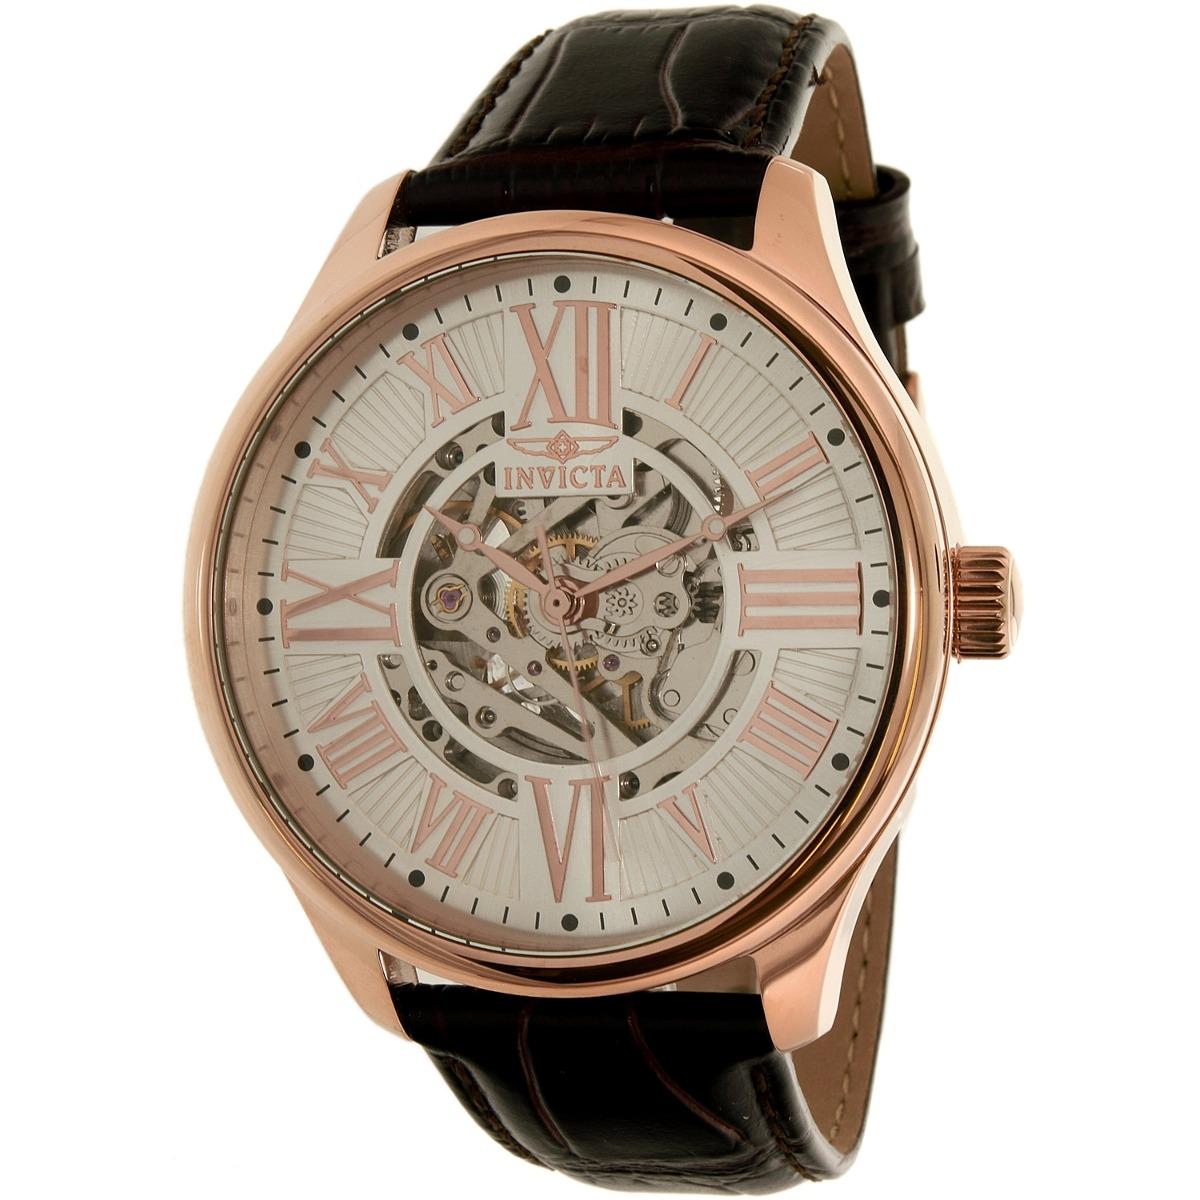 c8199090d830 reloj invicta para hombre 22569 correa de cuero marrón. Cargando zoom.